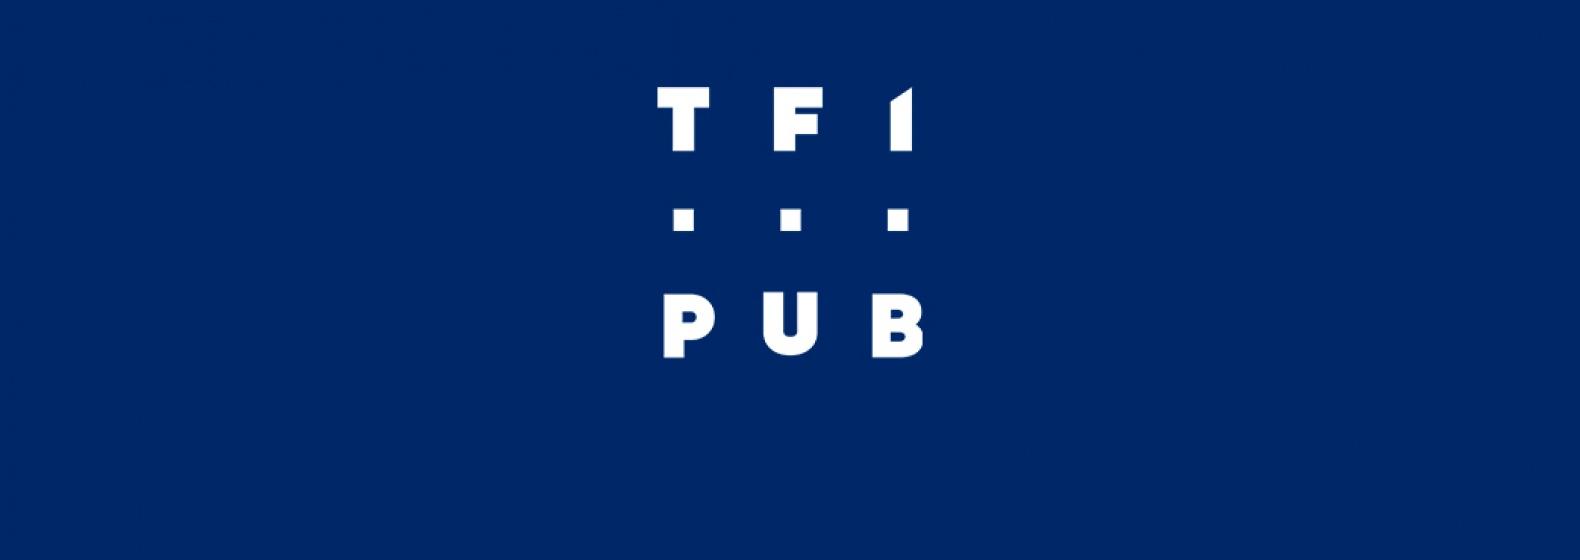 tf1pub-2.jpg